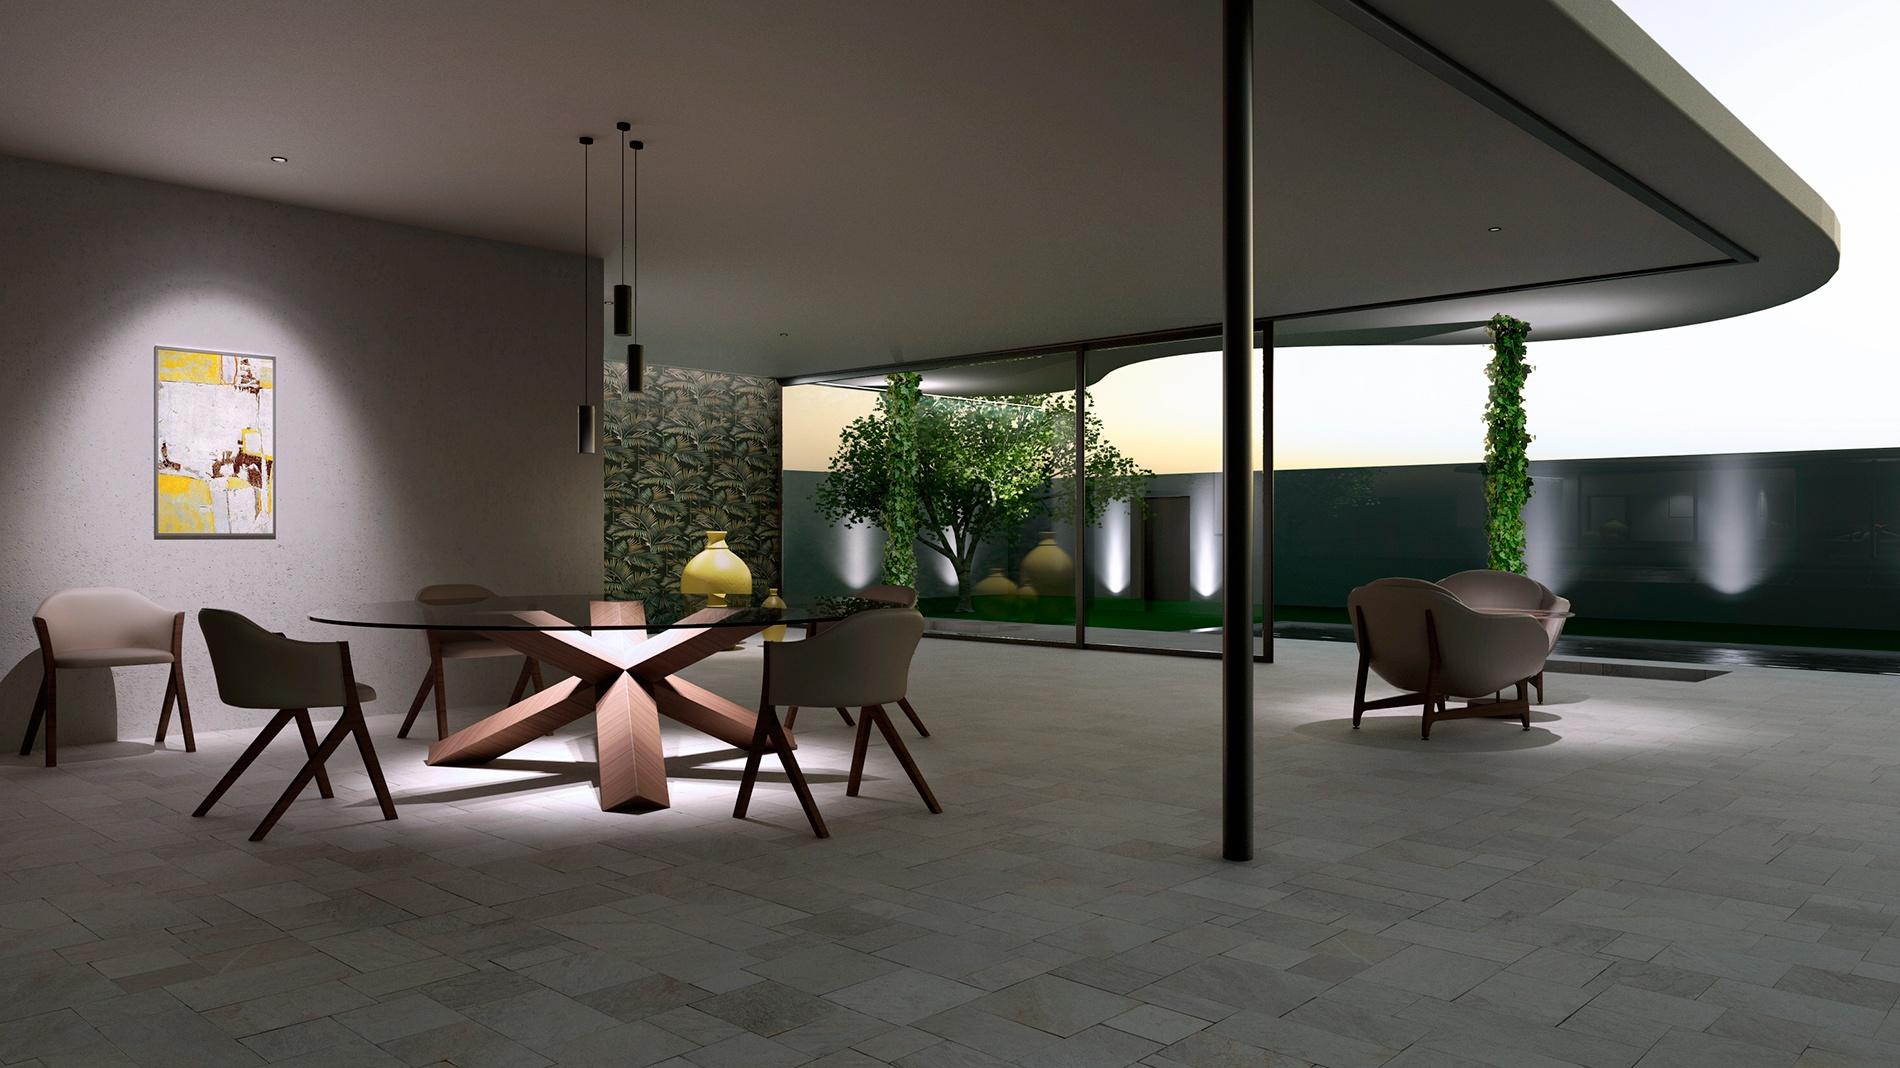 ambientazione ivela 3d rendering